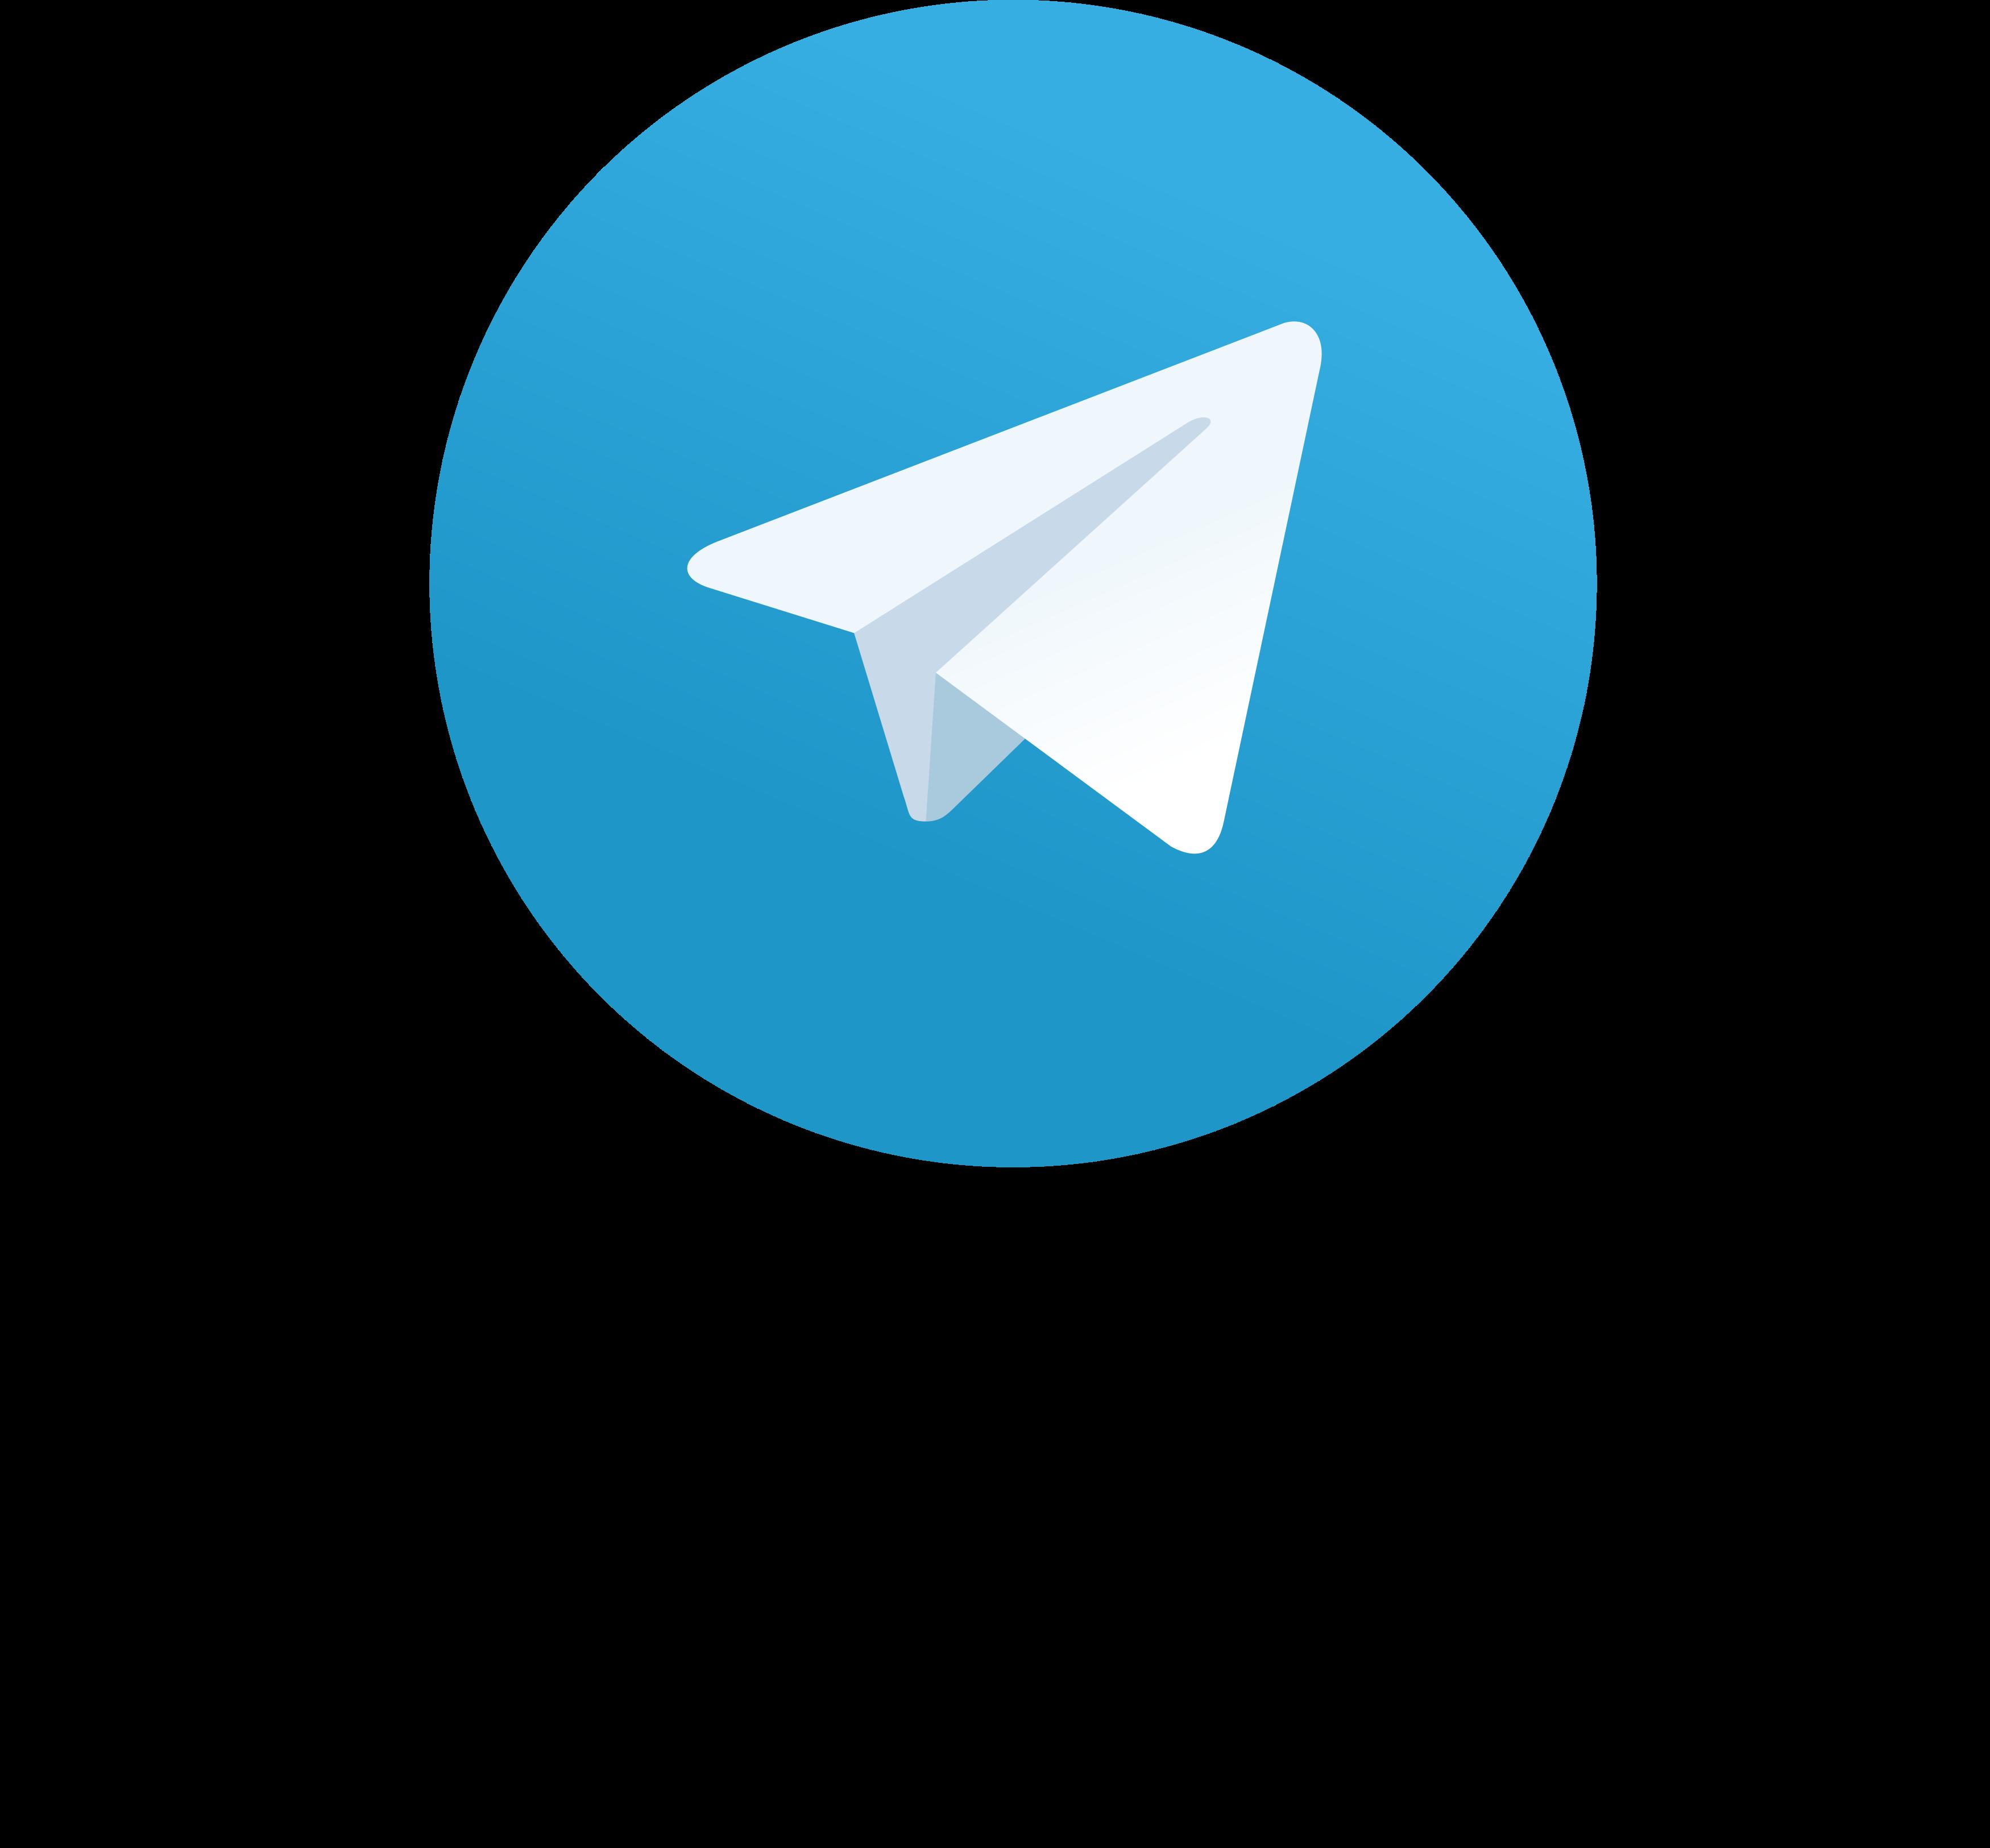 Telegram – nowy kanał komunikacji z MarynarzŚwiata.pl